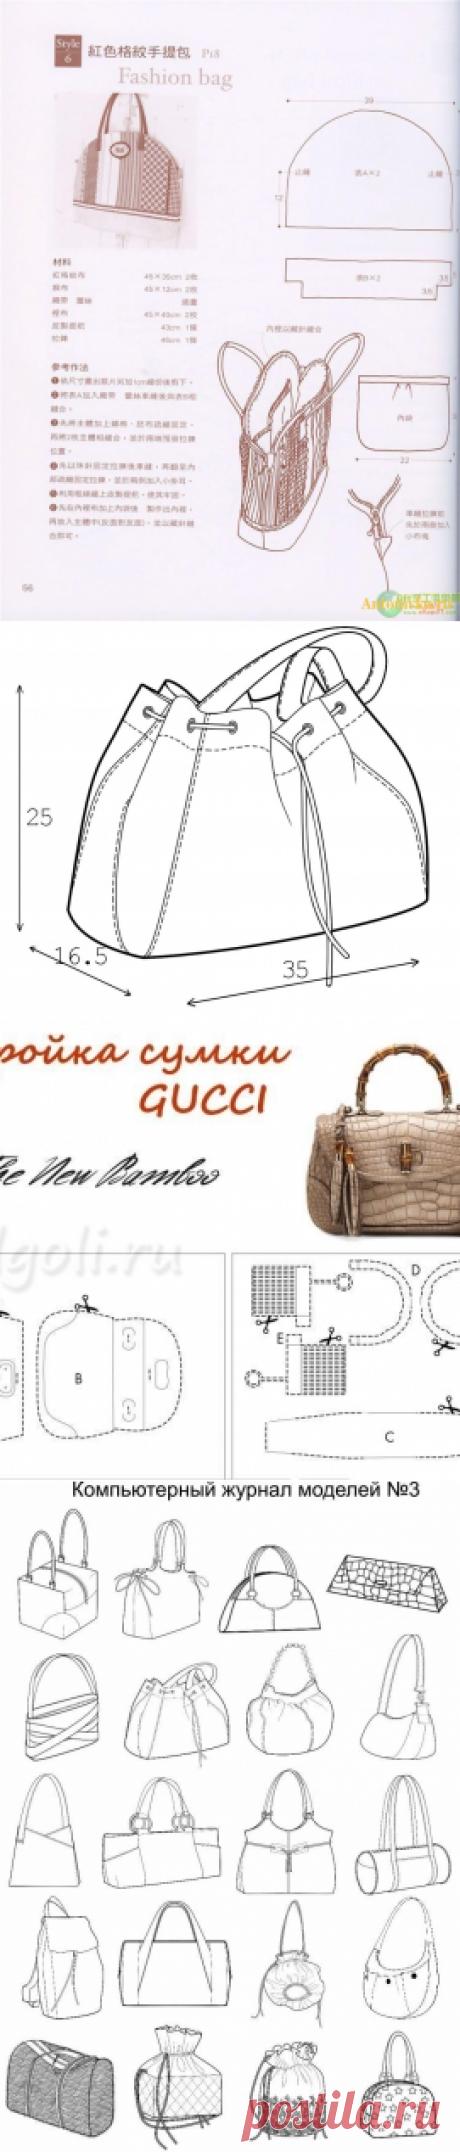 Женские сумочки выкройки - Как сделать коптильню своими руками? Виды коптилен